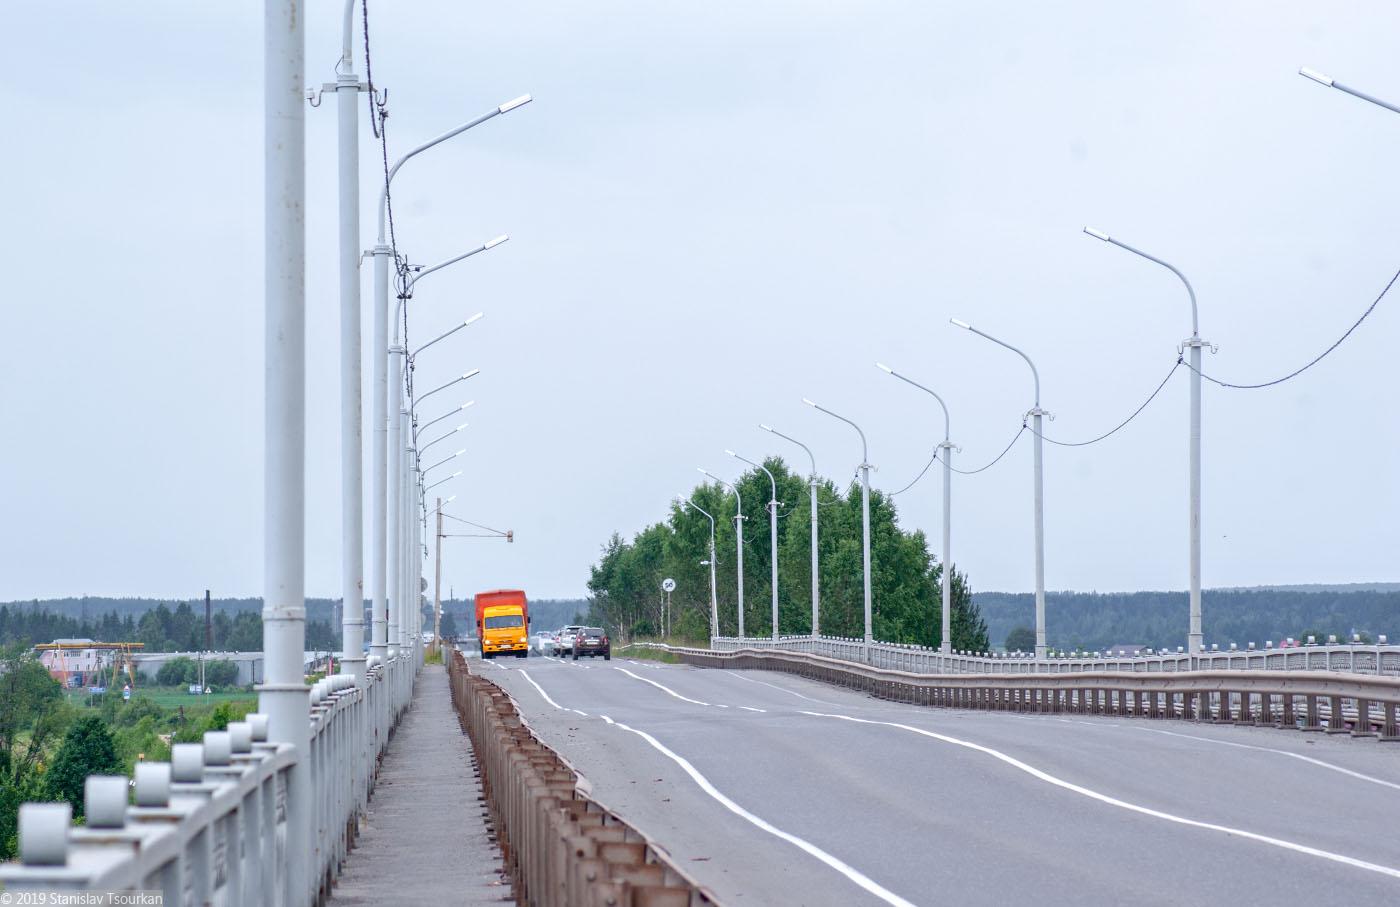 Вологодская область, Вологодчина, Великий устюг, Русский север, танцующий мост, мост через Сухону